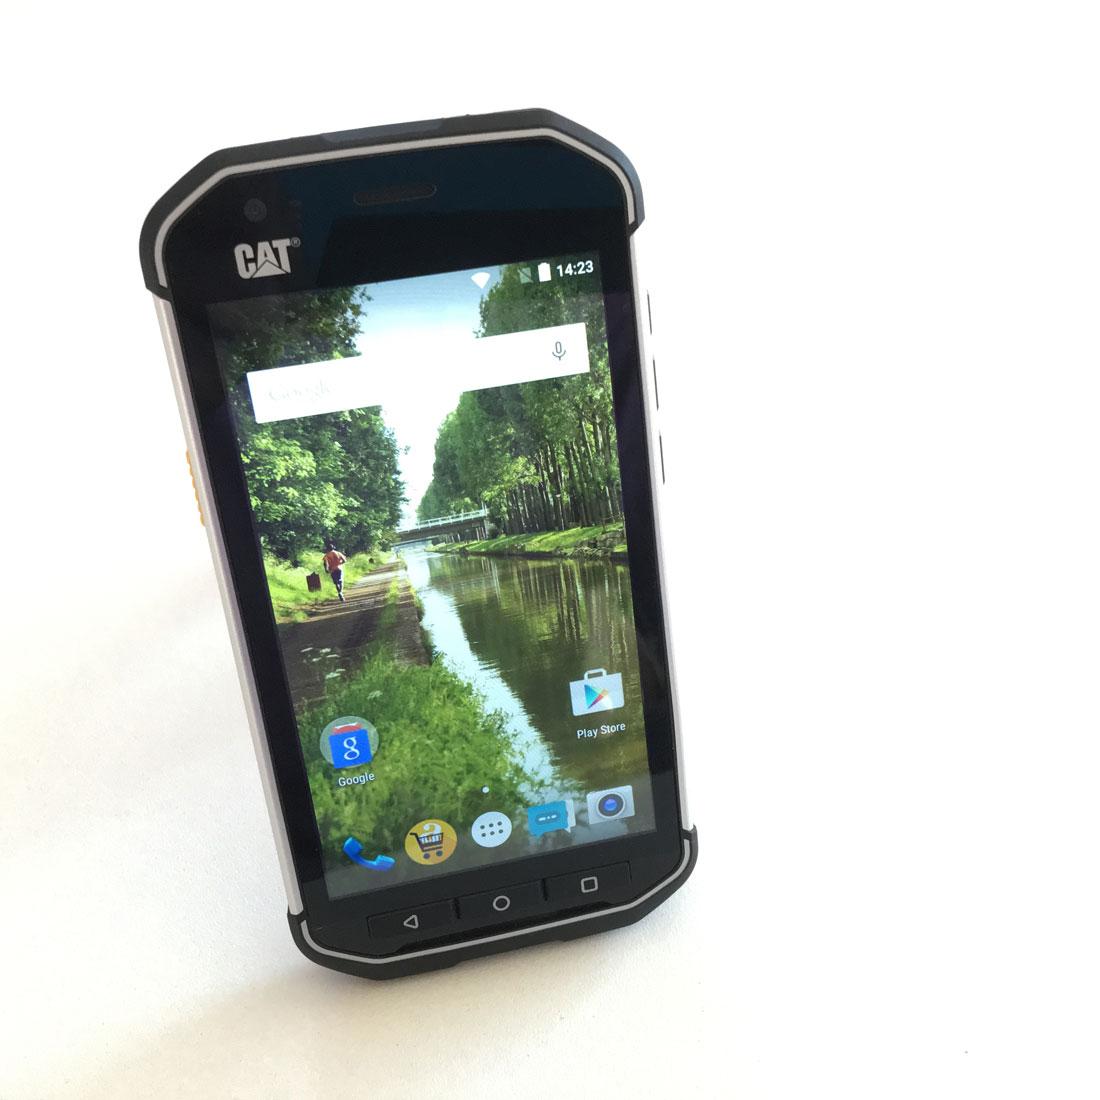 Smartphone hermétique et durci CAT S40, Ph. Moctar KANE.